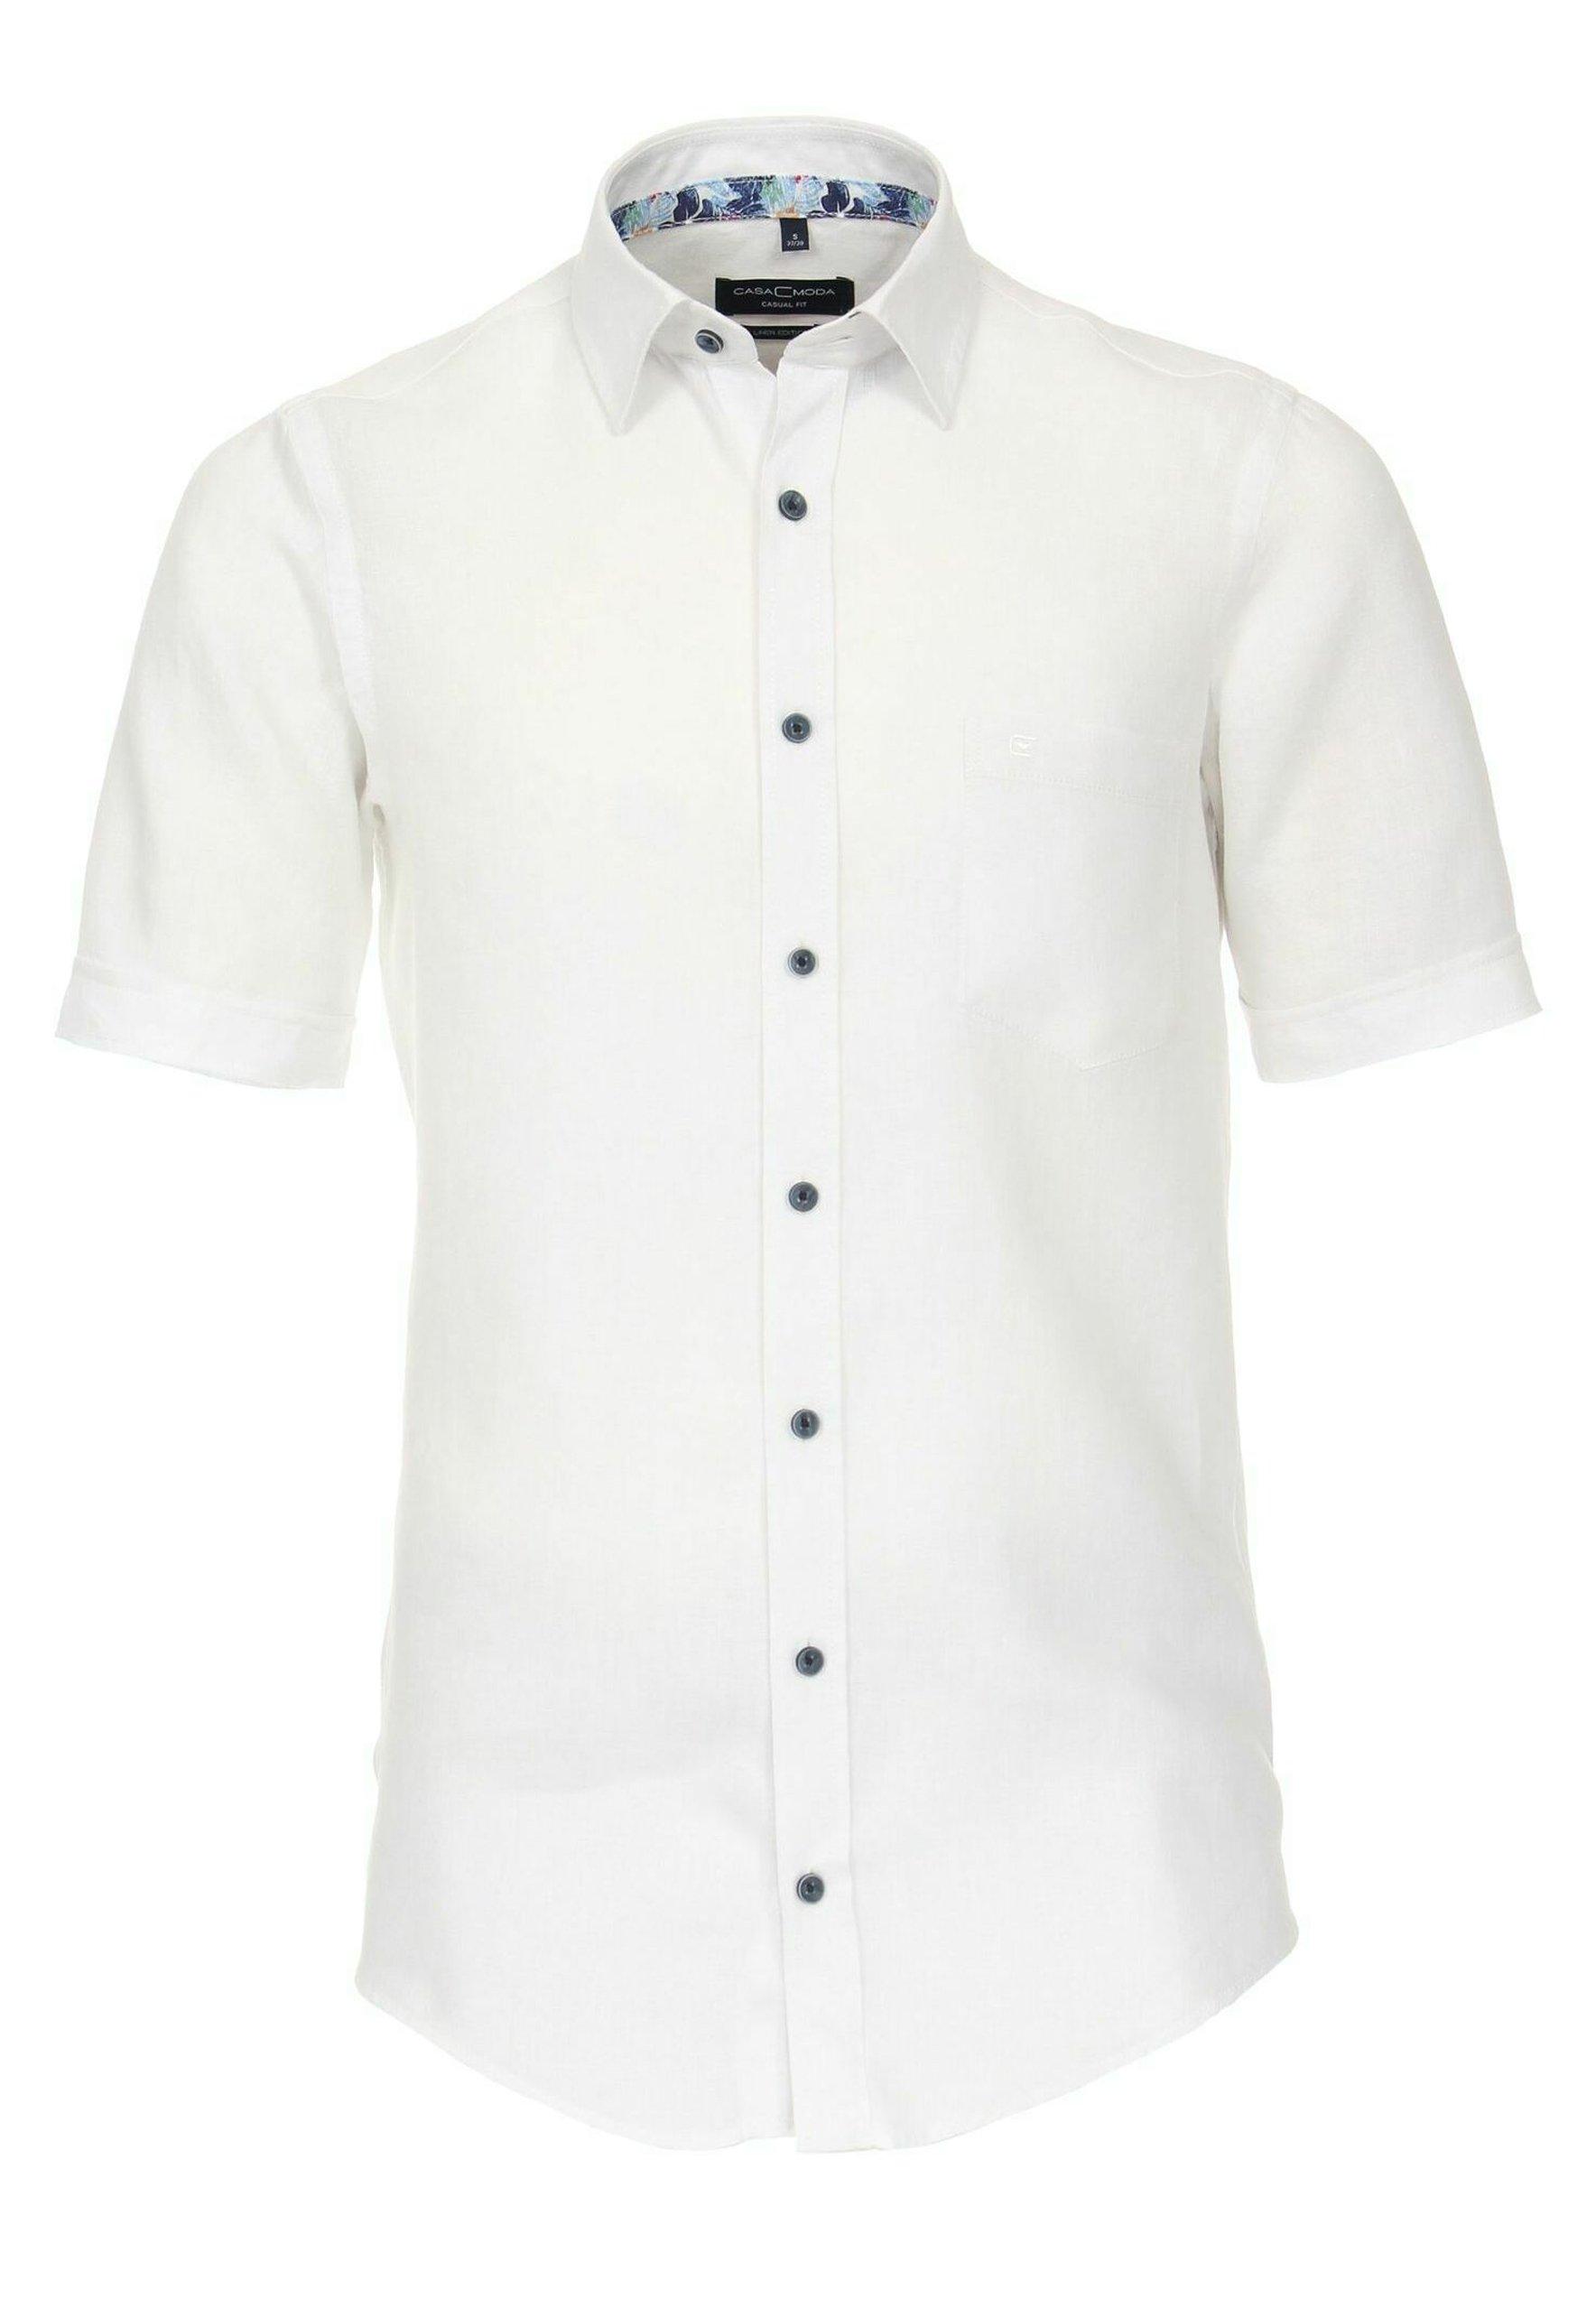 Herren Hemd - weiß